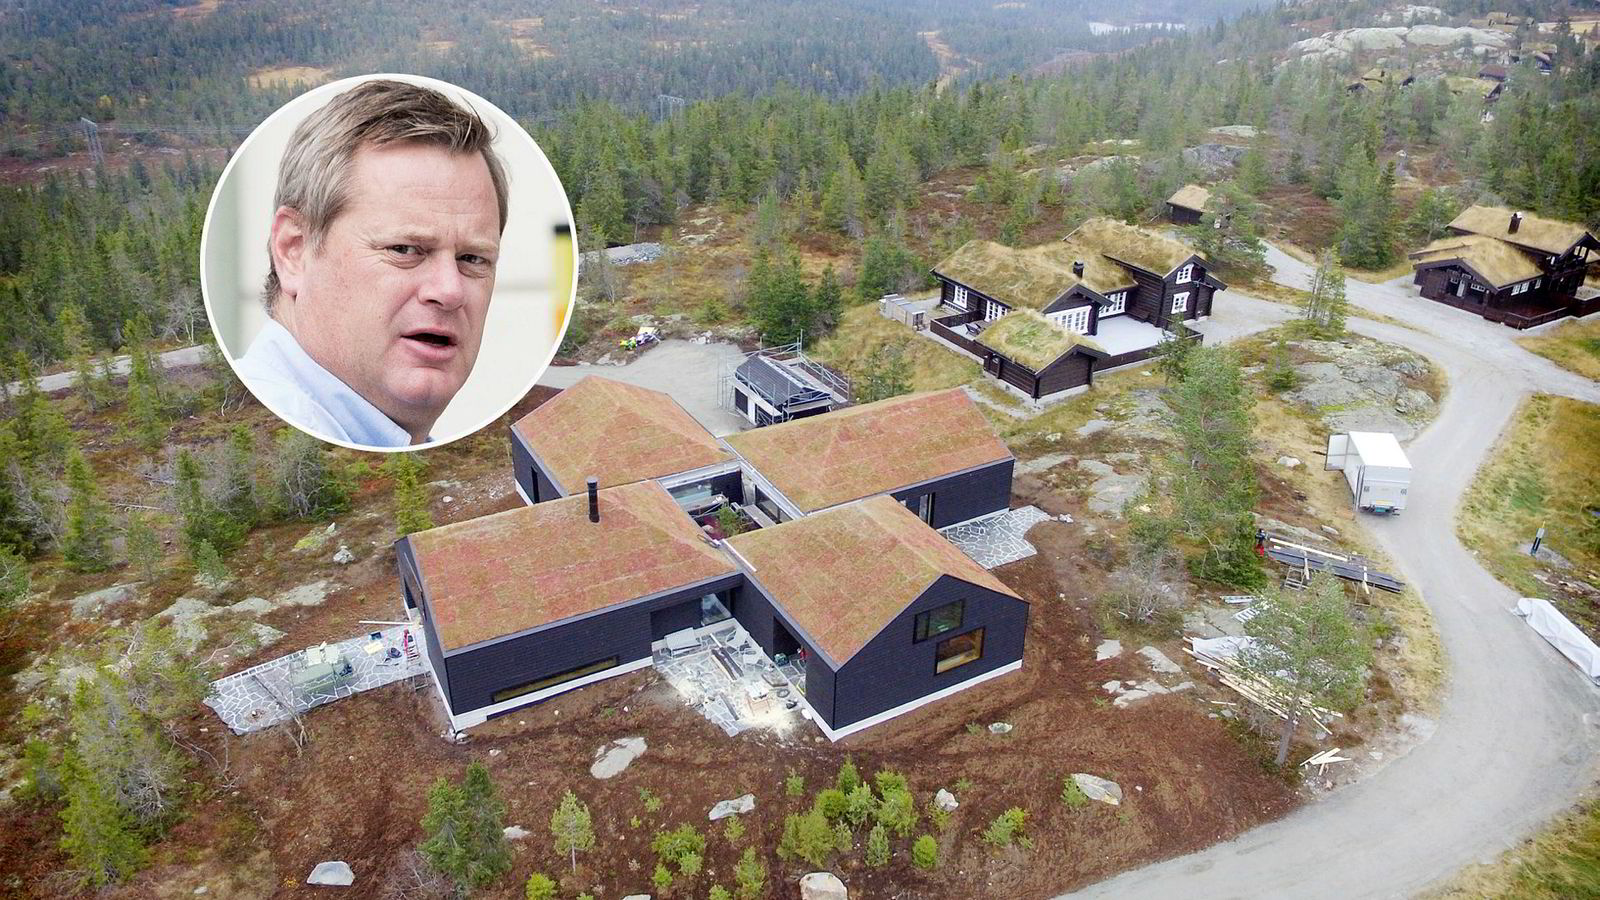 Wikborg Rein Advokatfirma har på vegne av Einar Aas tinglyst urådhetserklæringer over alle eiendommene til Einar Aas, blant annet dette hyttetunet i Nissedal i Telemark.